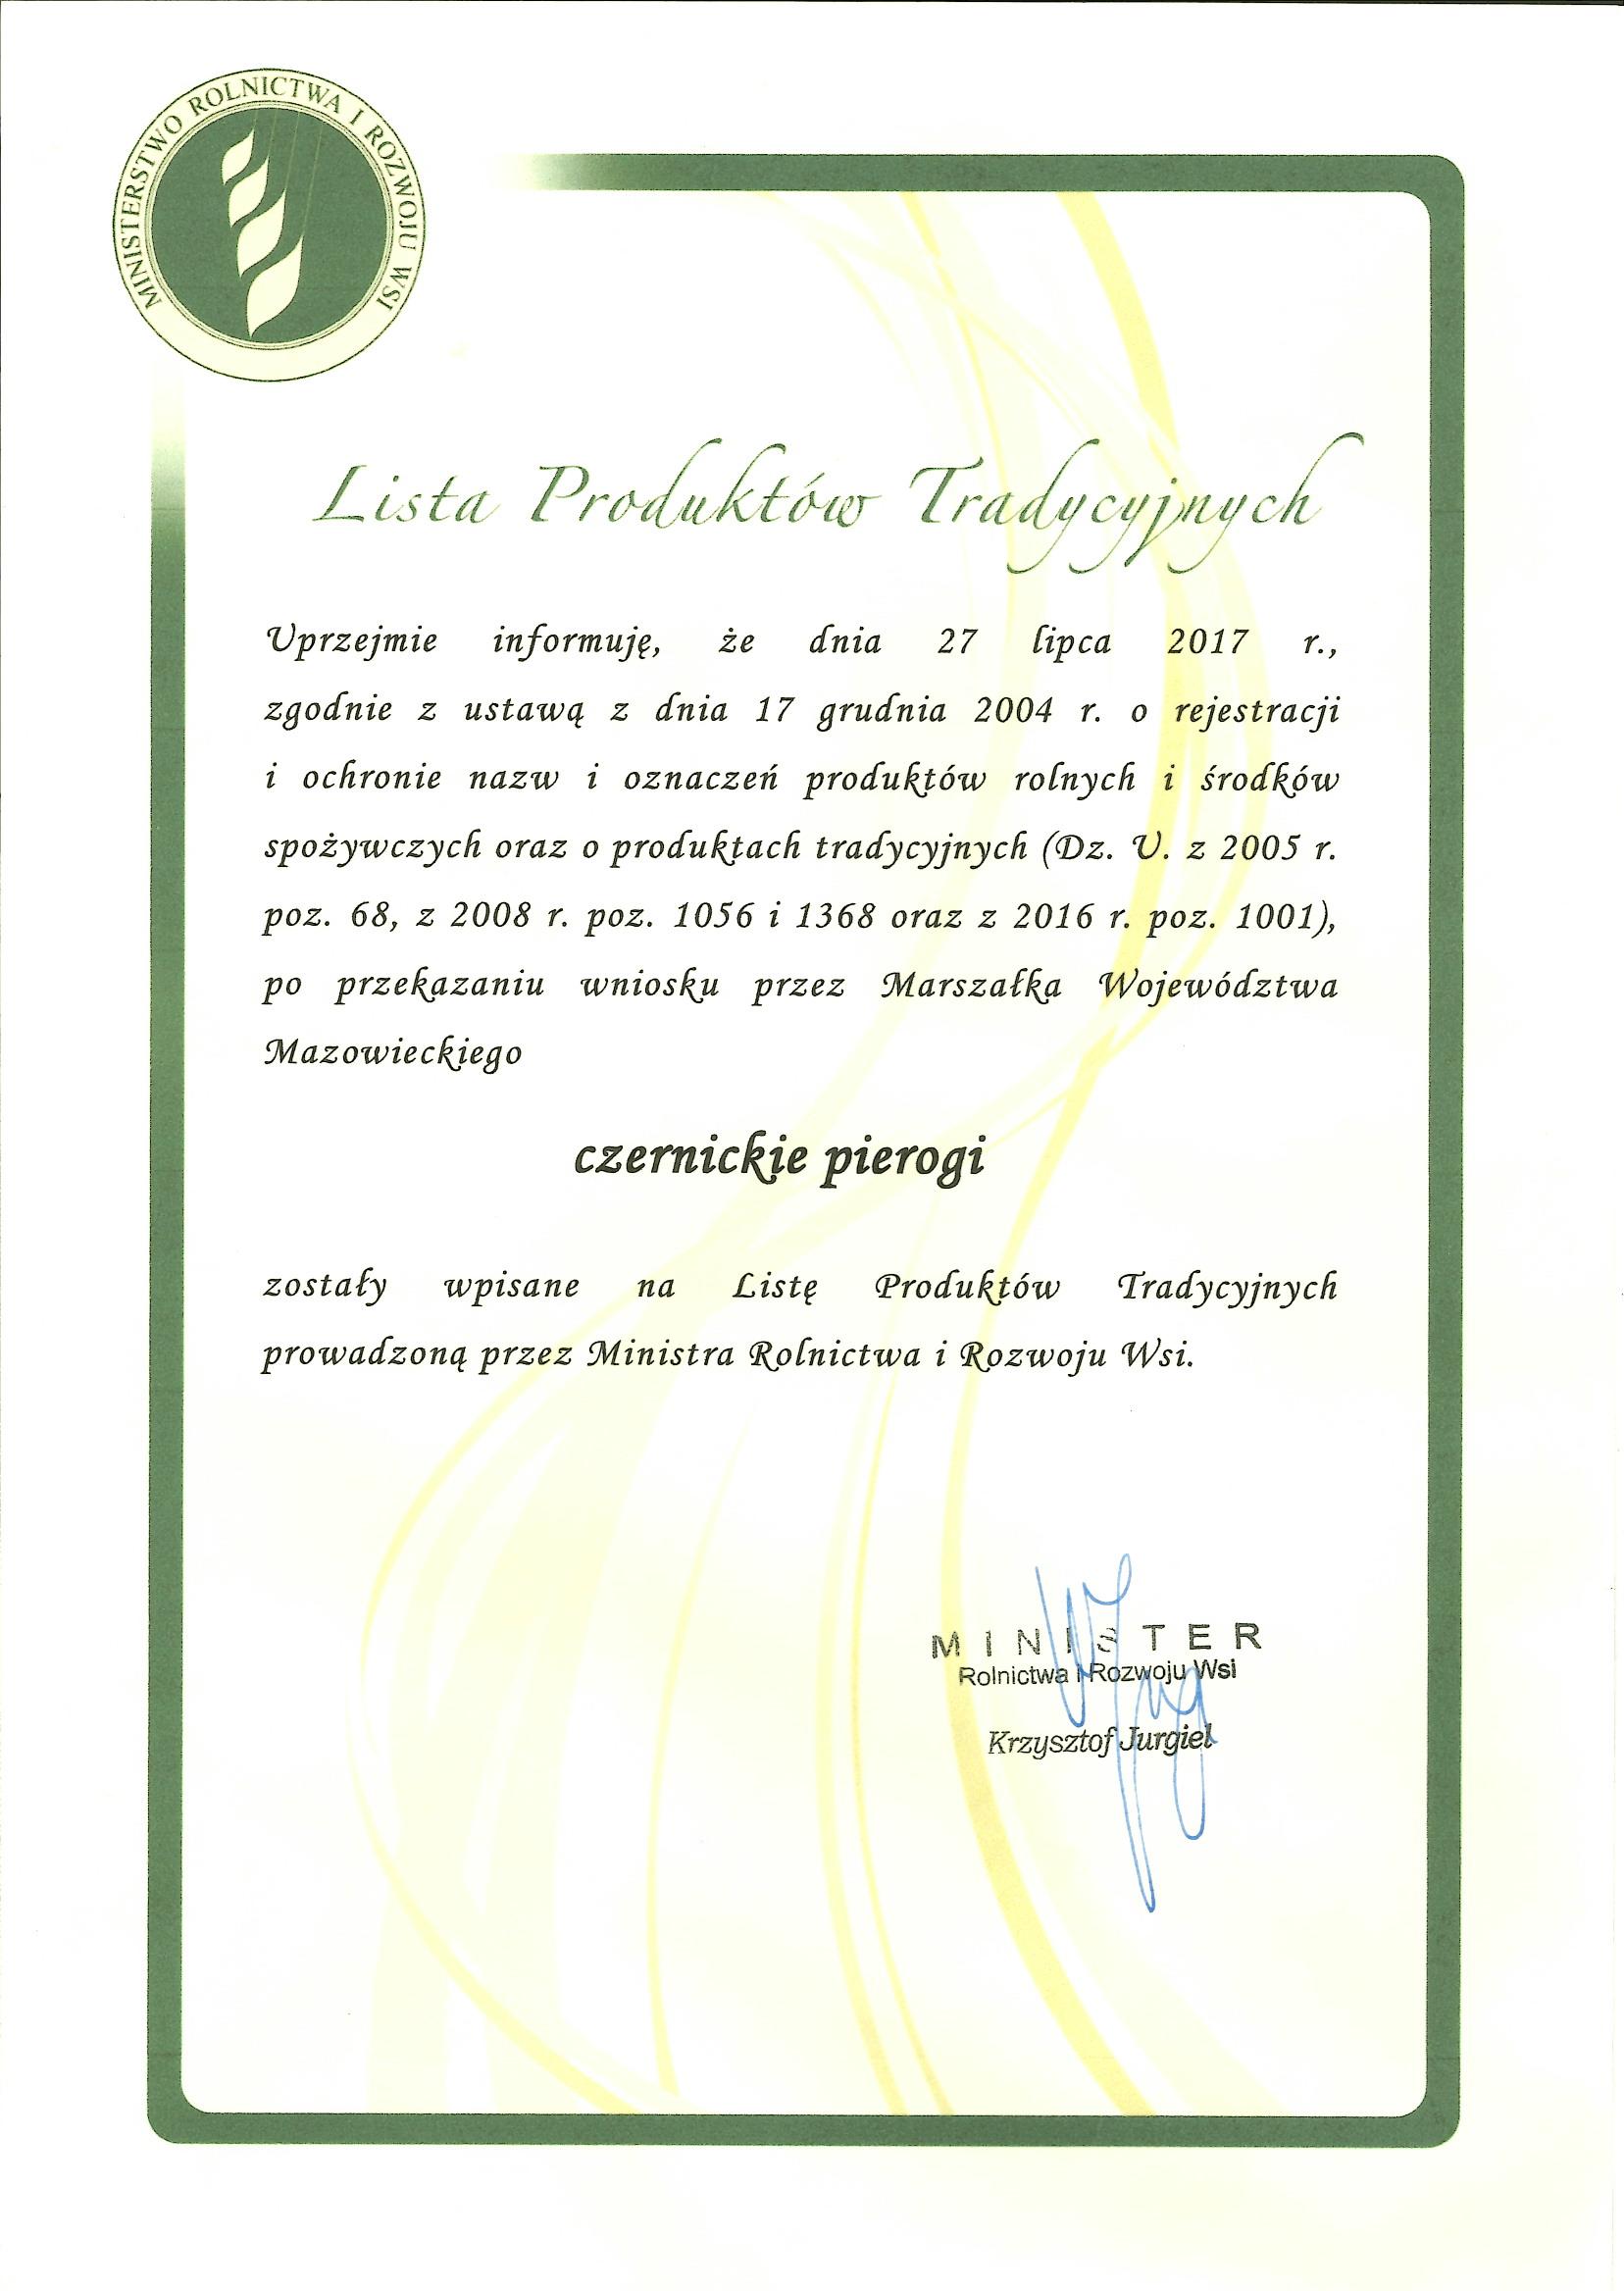 - certyfikat_czernickie_pierogi.jpg